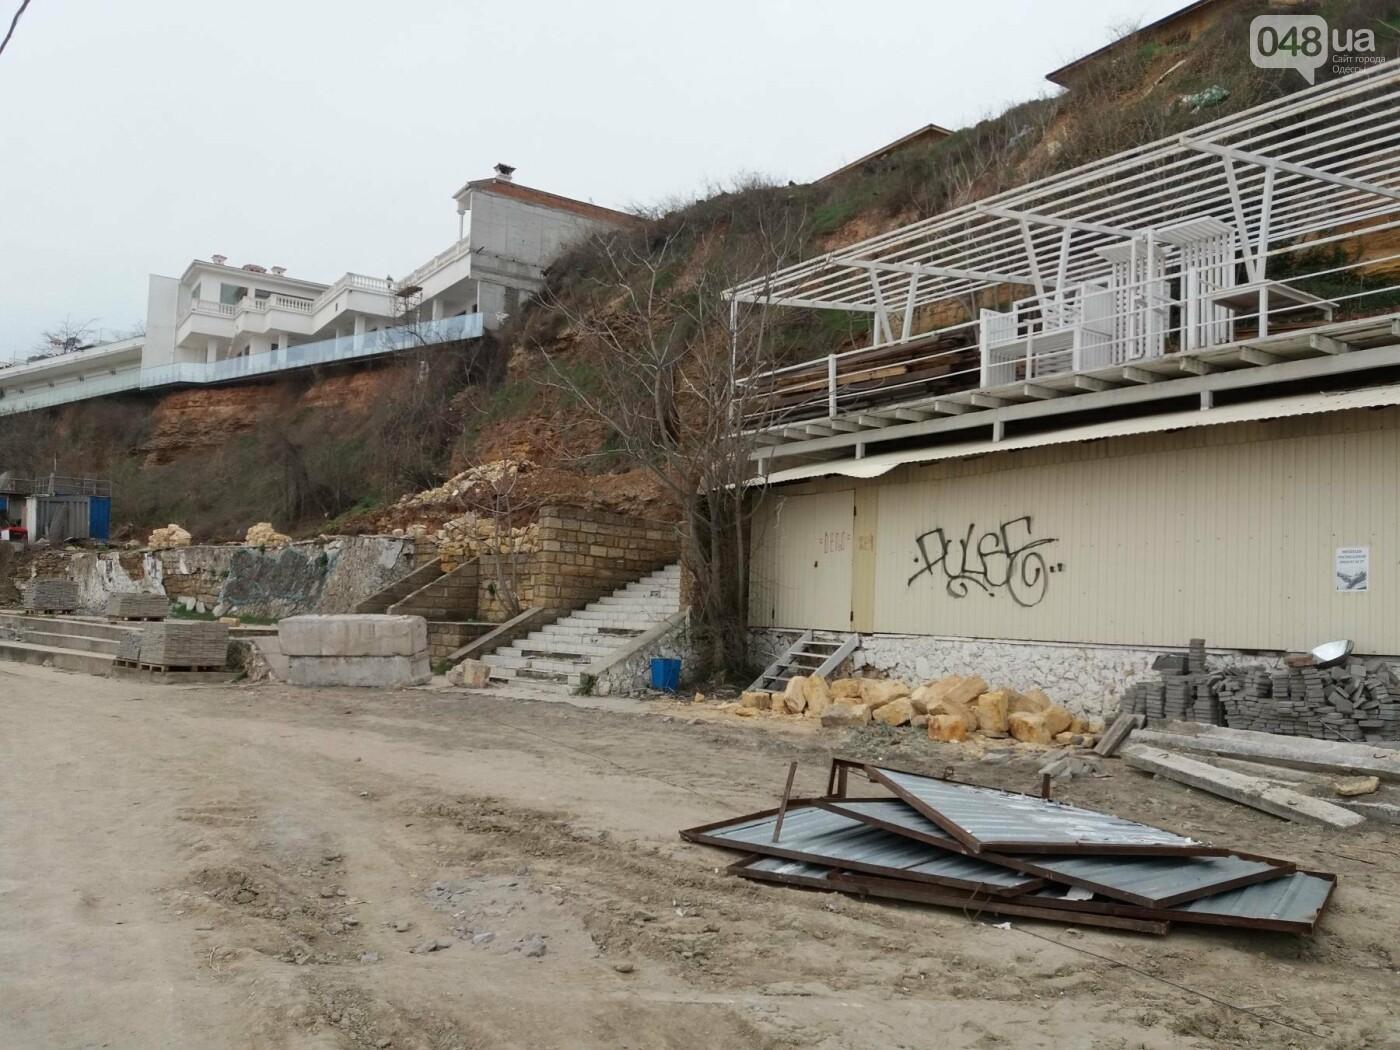 «Работы» на одесском Фонтане выглядят хуже стихийного бедствия (ФОТО, ВИДЕО) , фото-5